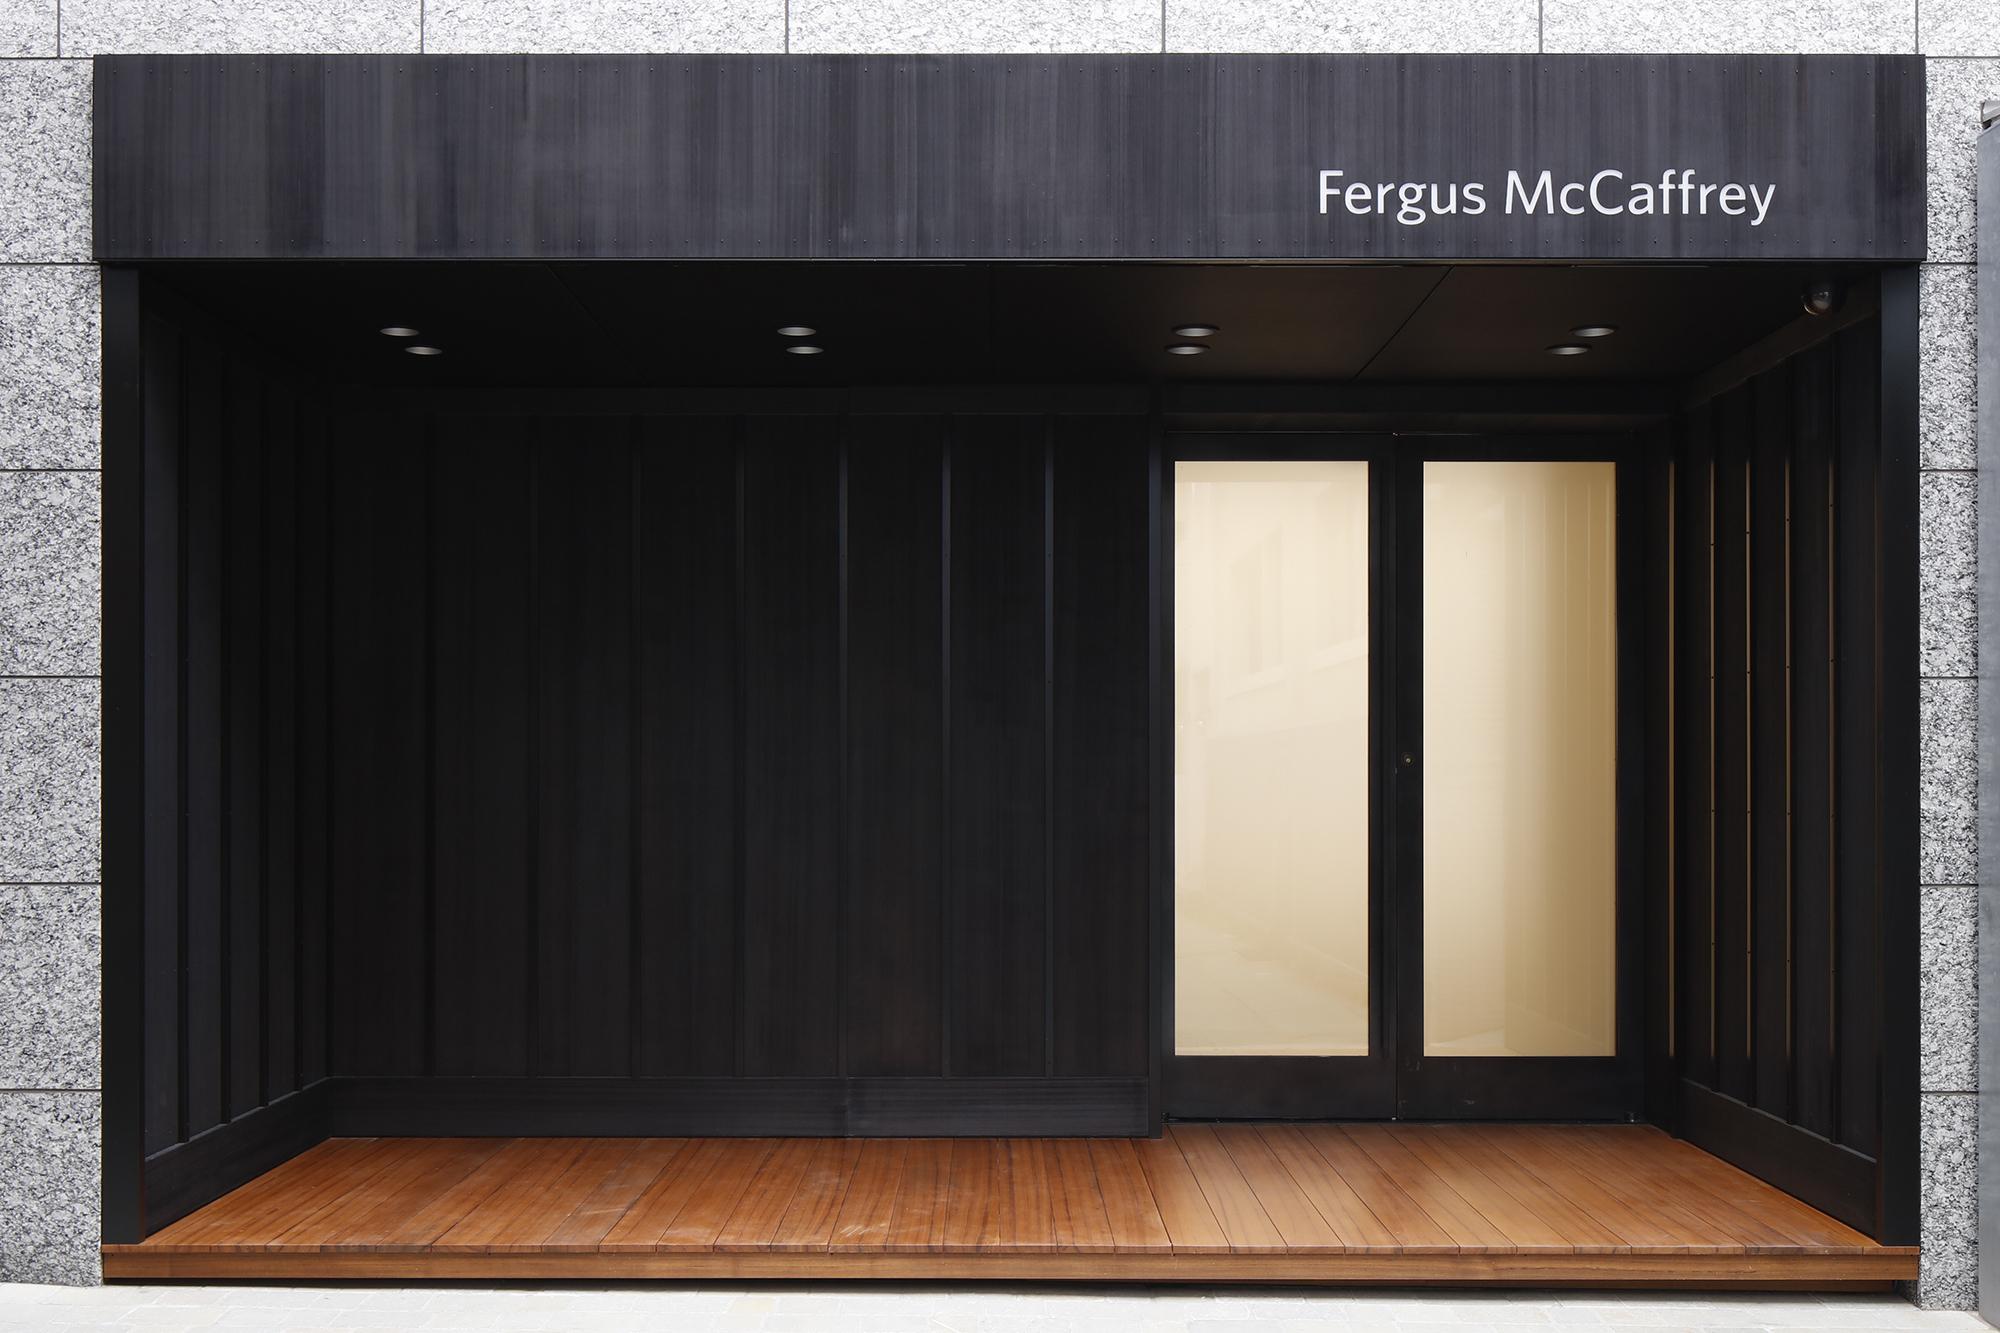 ファーガス・マカフリー、東京スペースのオープン!「ロバート・ライマン 展覧会」開催【今週のおすすめア